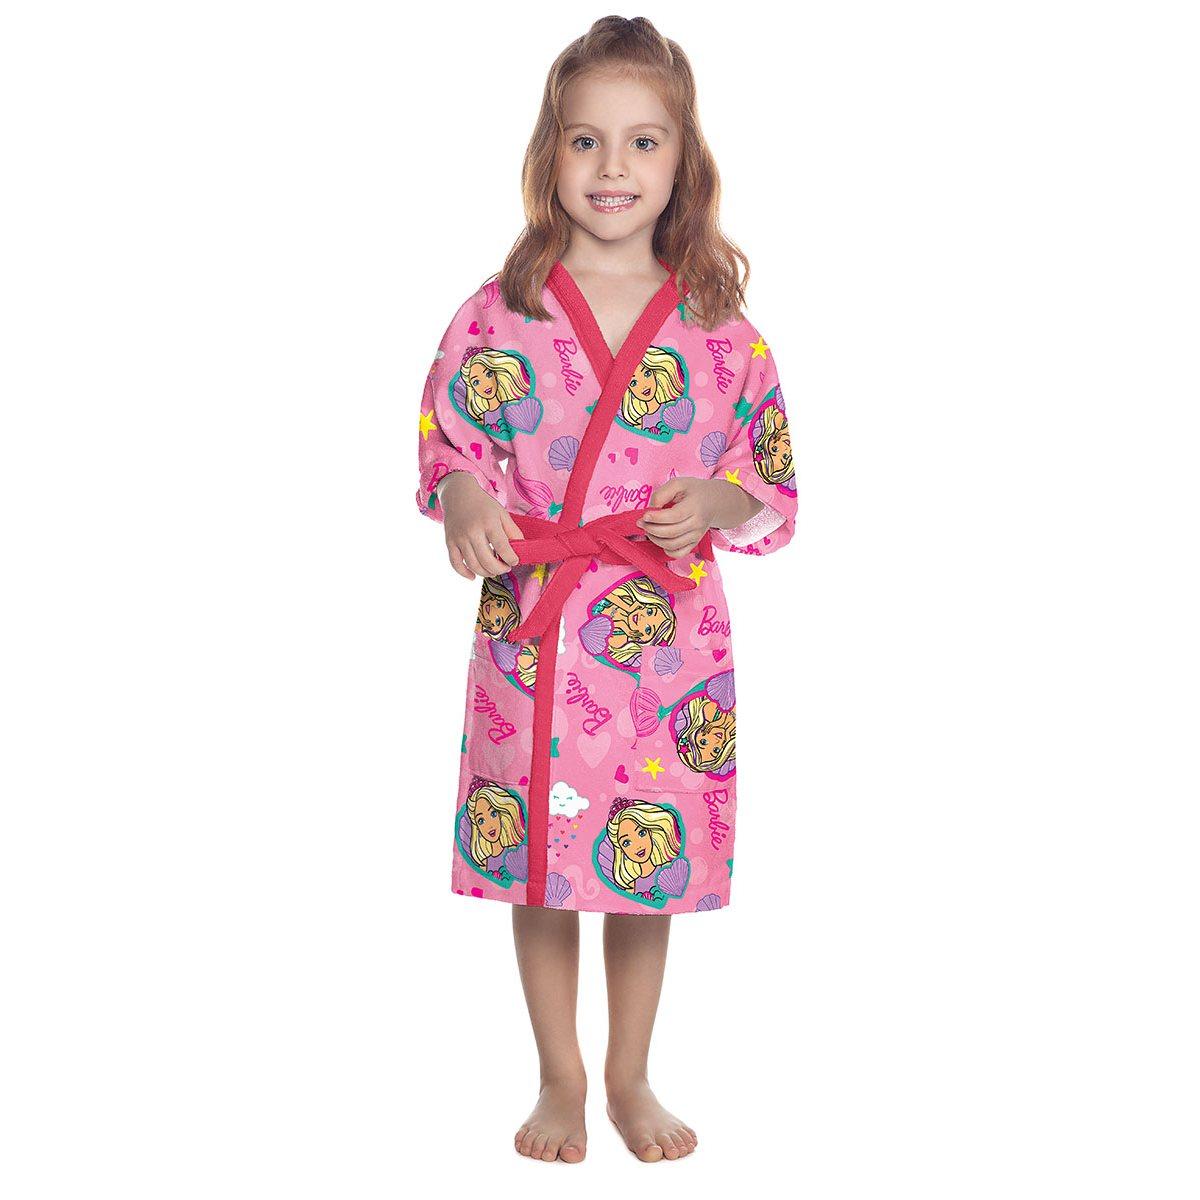 Roupão Infantil Aveludado G - Barbie 73208